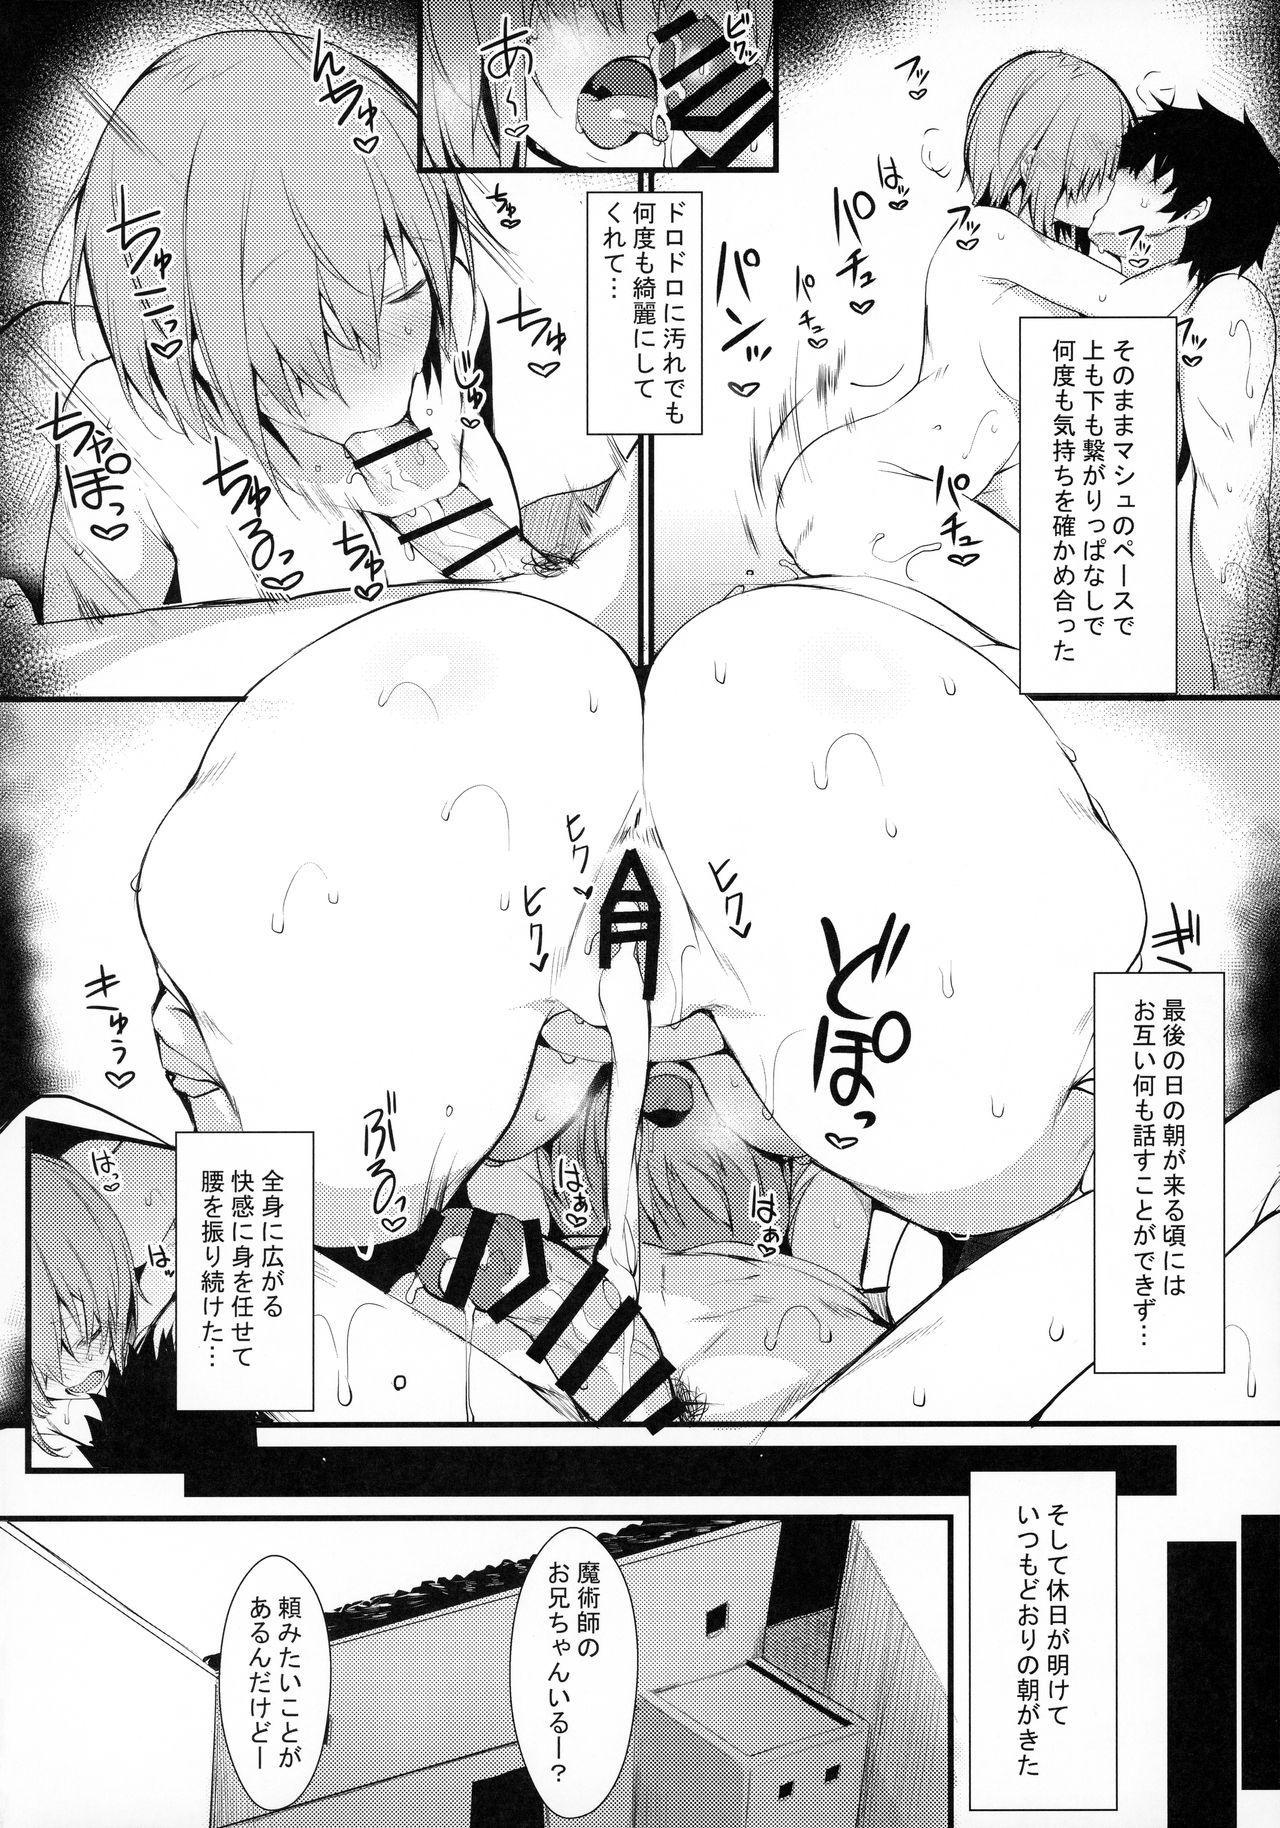 Mash to Shitekita Kakushigoto 25